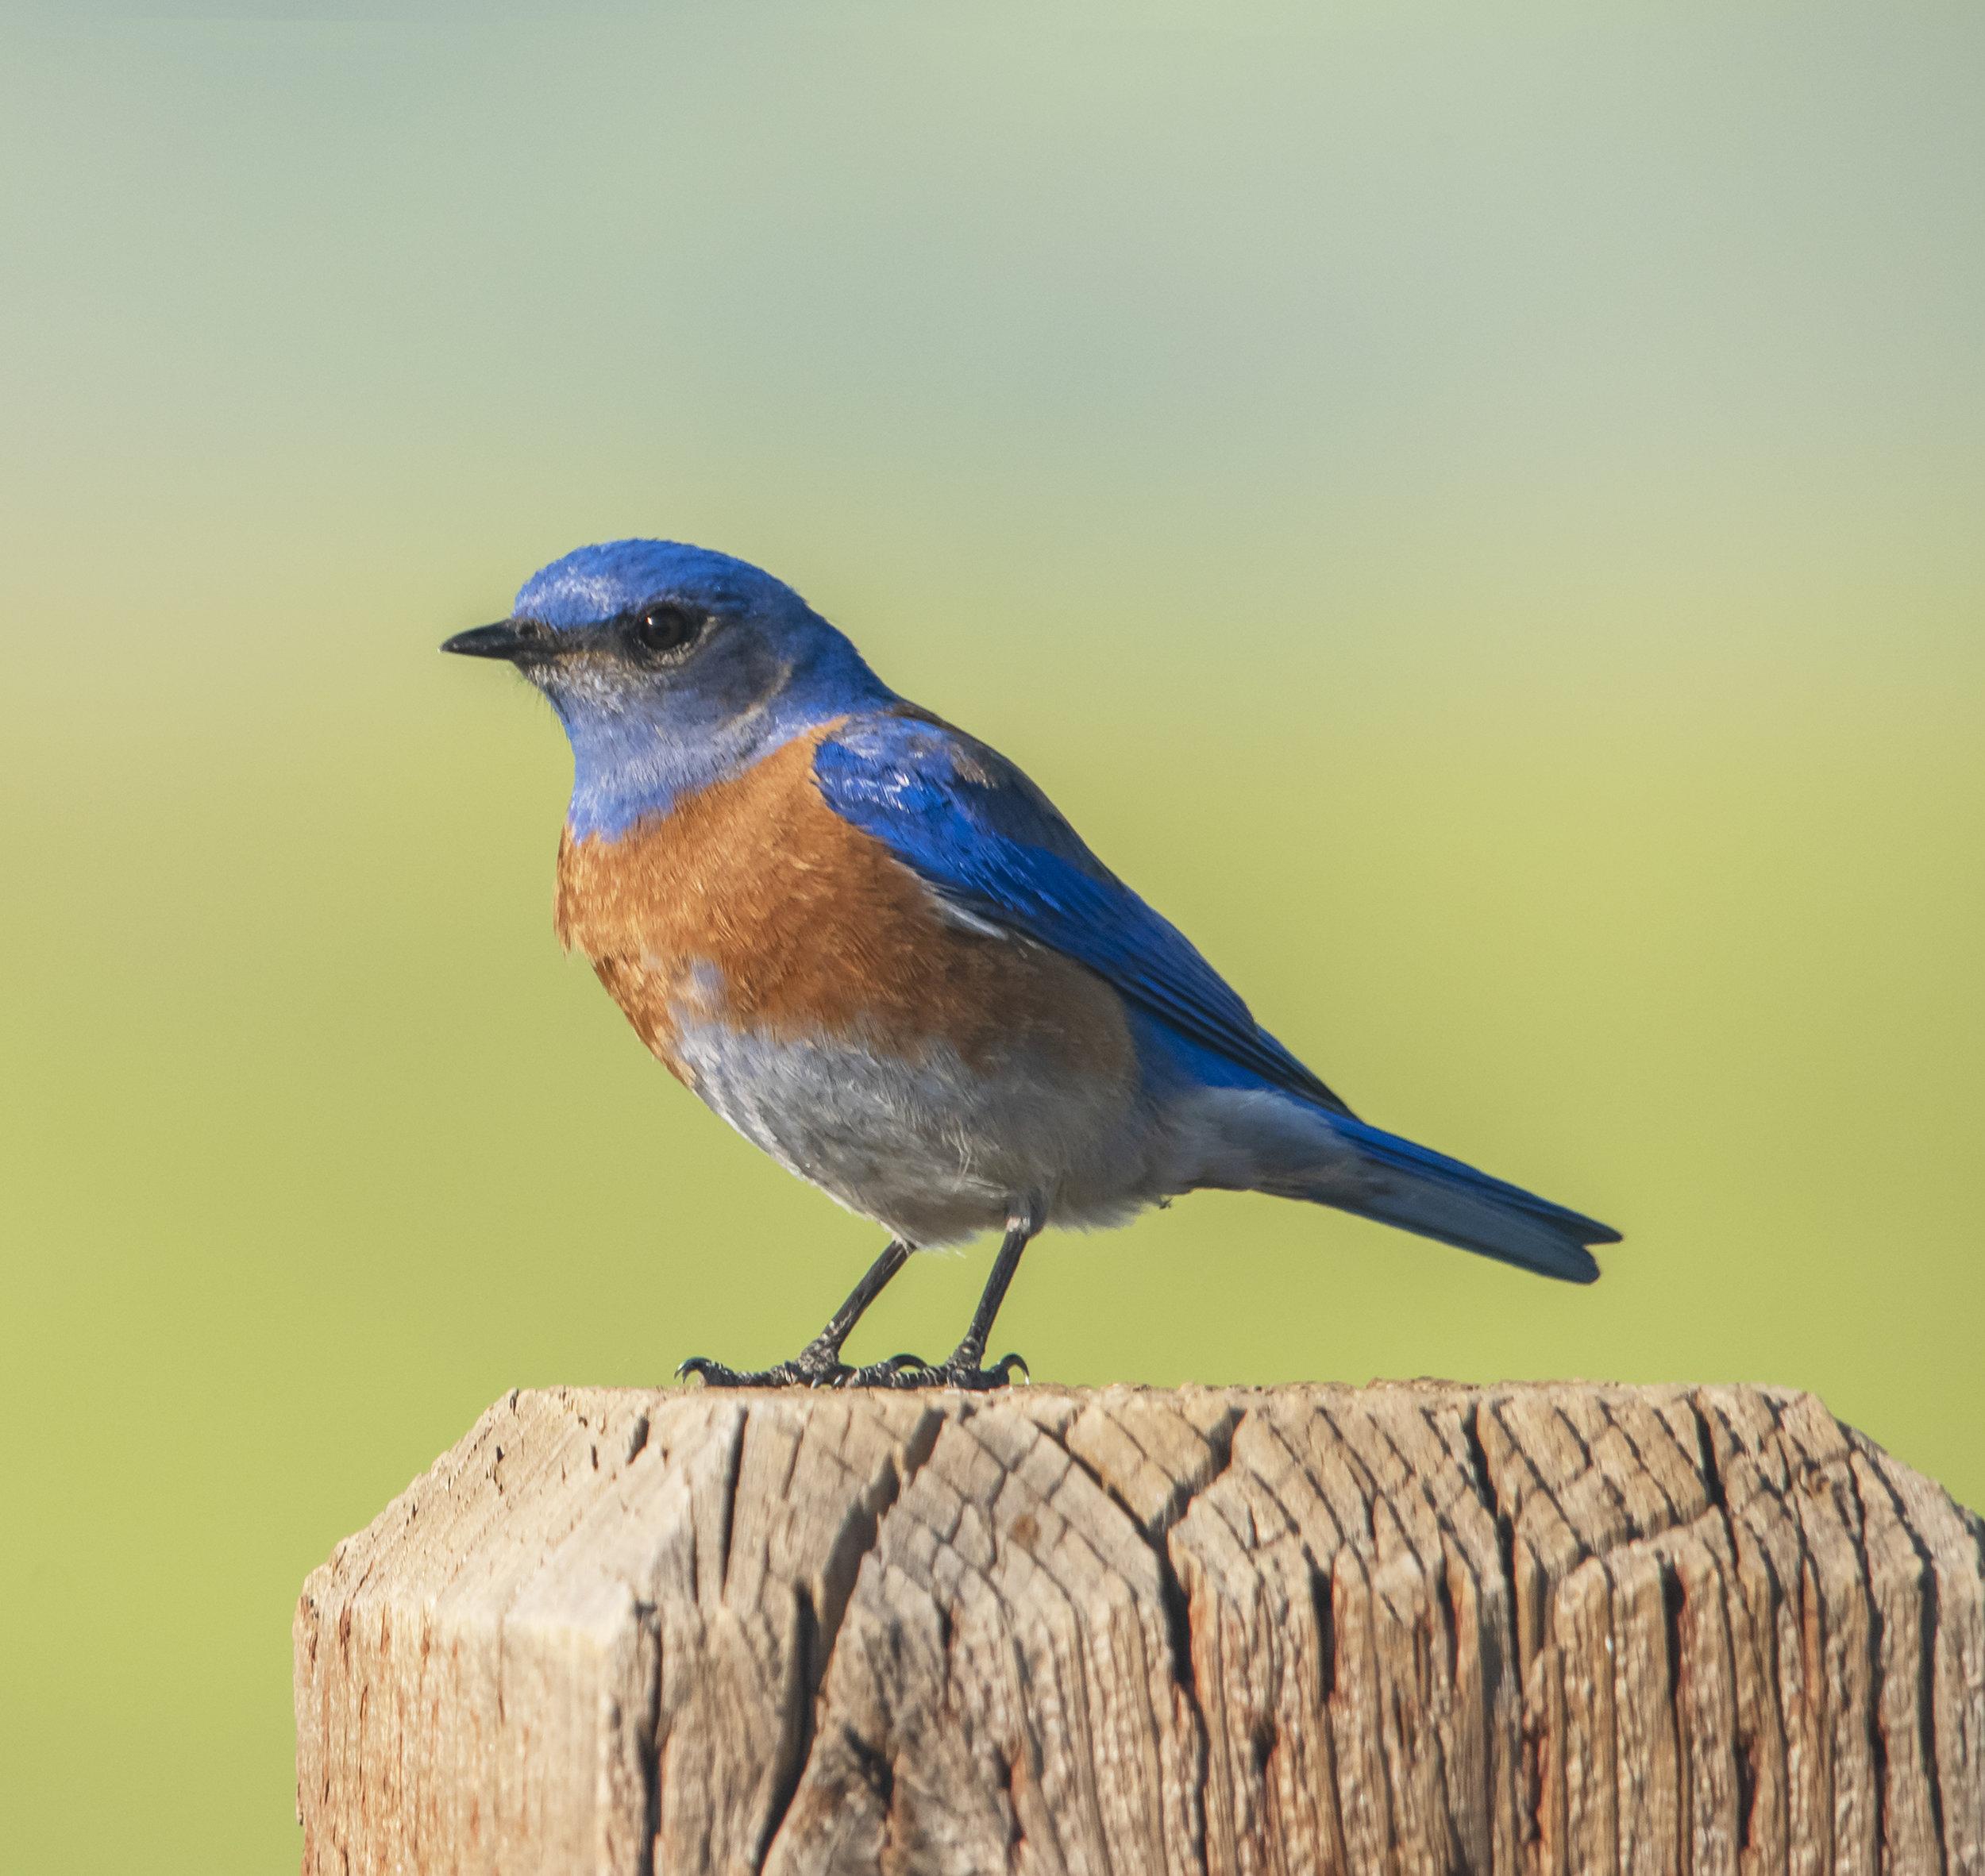 Western Bluebird at Santa Teresa County Park, San Jose, California